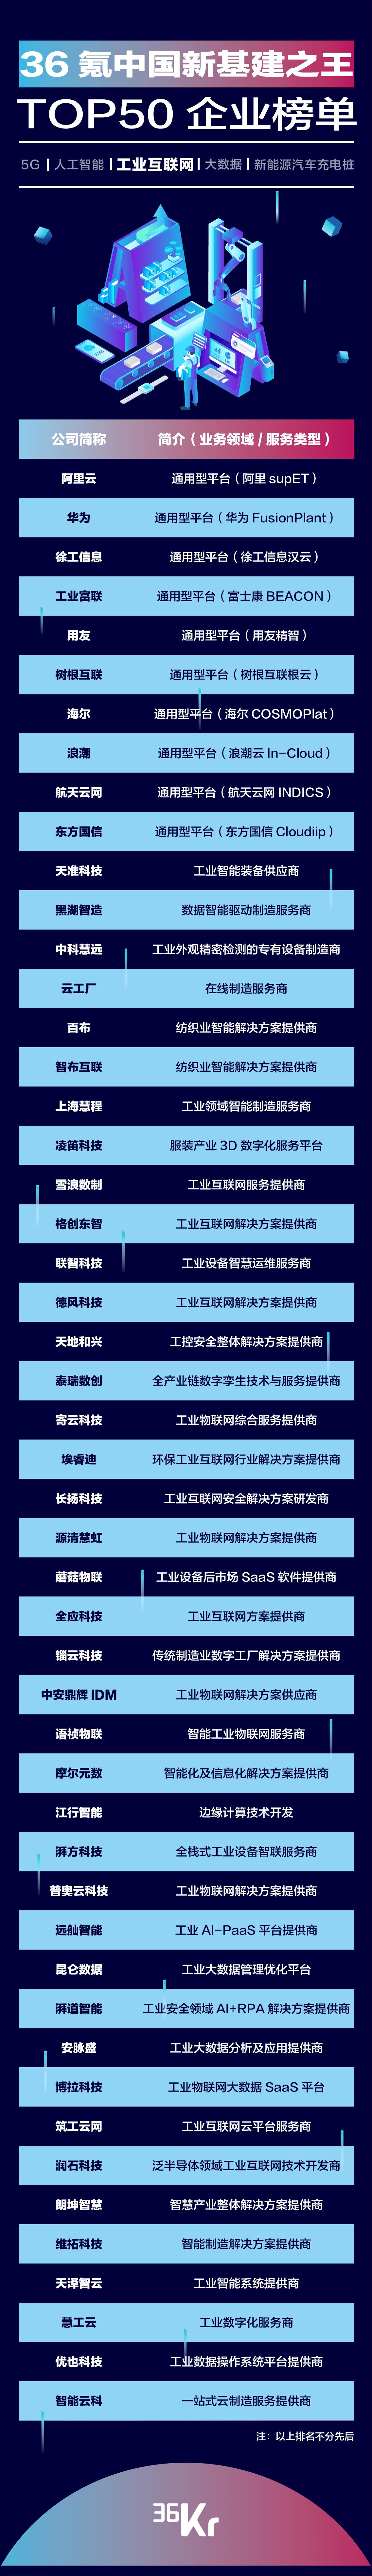 重磅!36氪中国新基建之王「工业互联网领域」TOP50企业揭晓